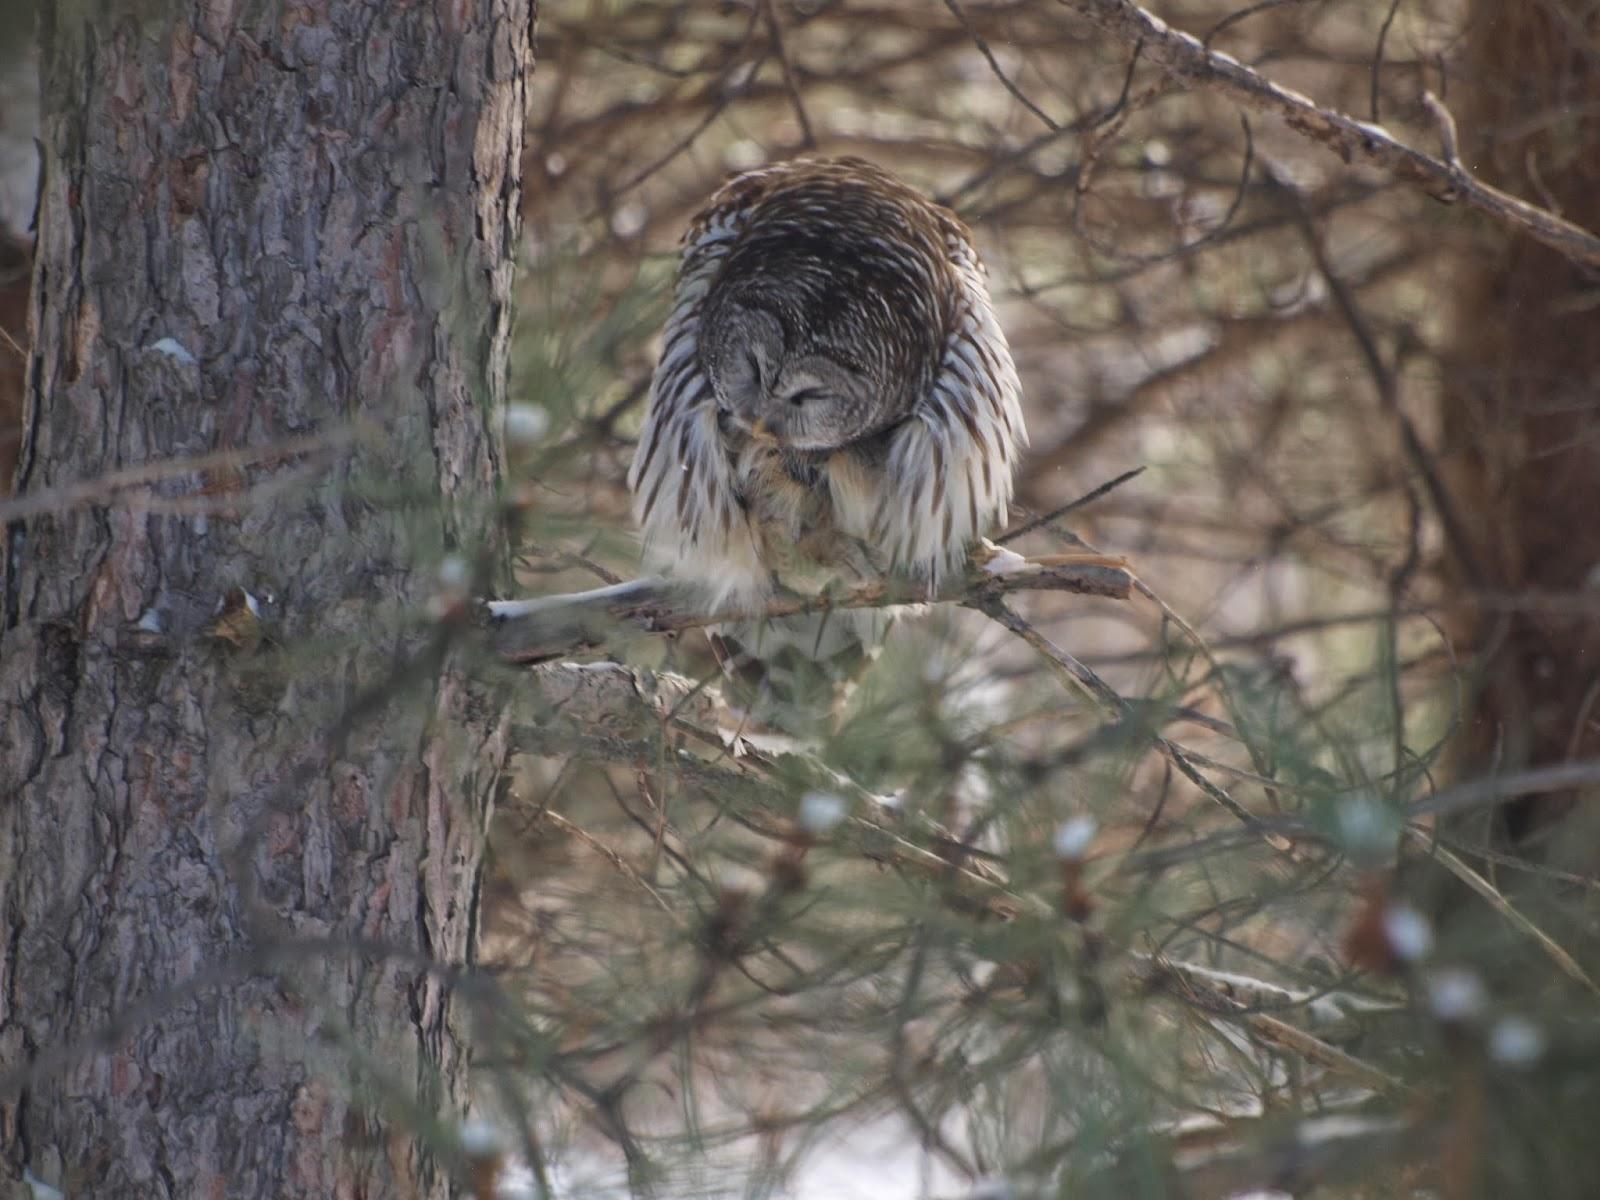 http://en.wikipedia.org/wiki/Barred_Owl